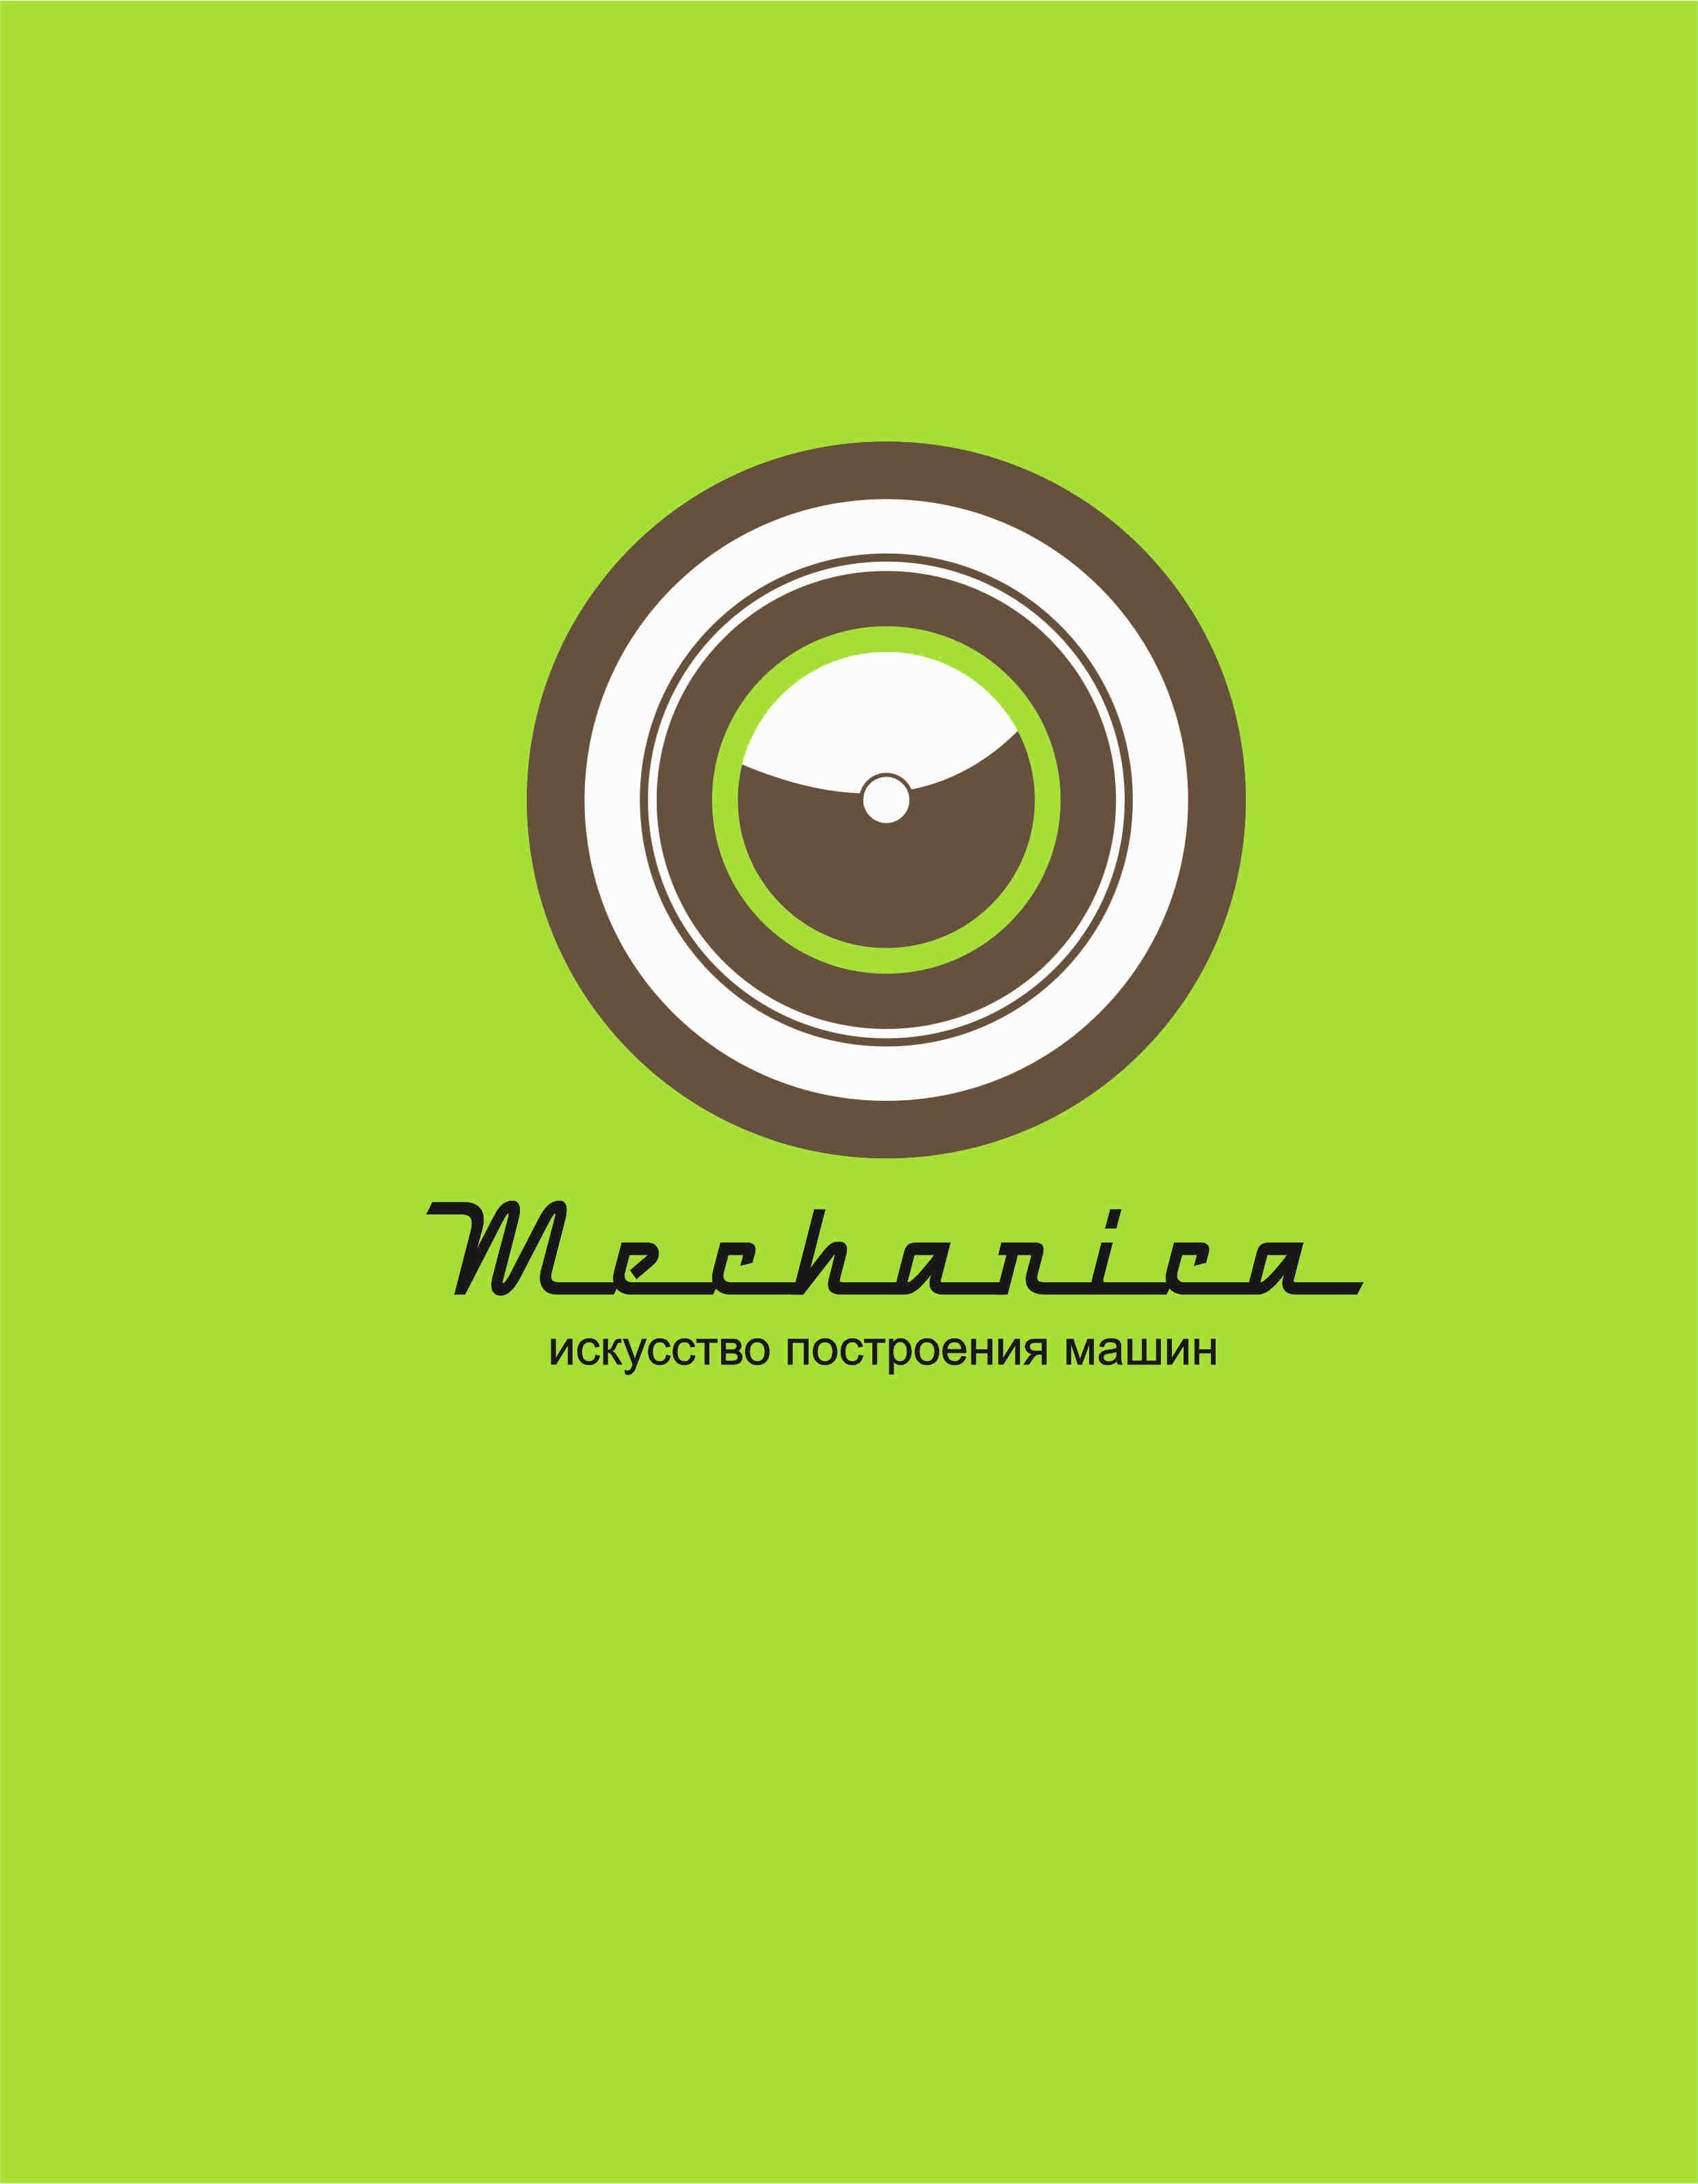 Логотип для магазина автозапчасти 'Механика' - дизайнер Ewgene